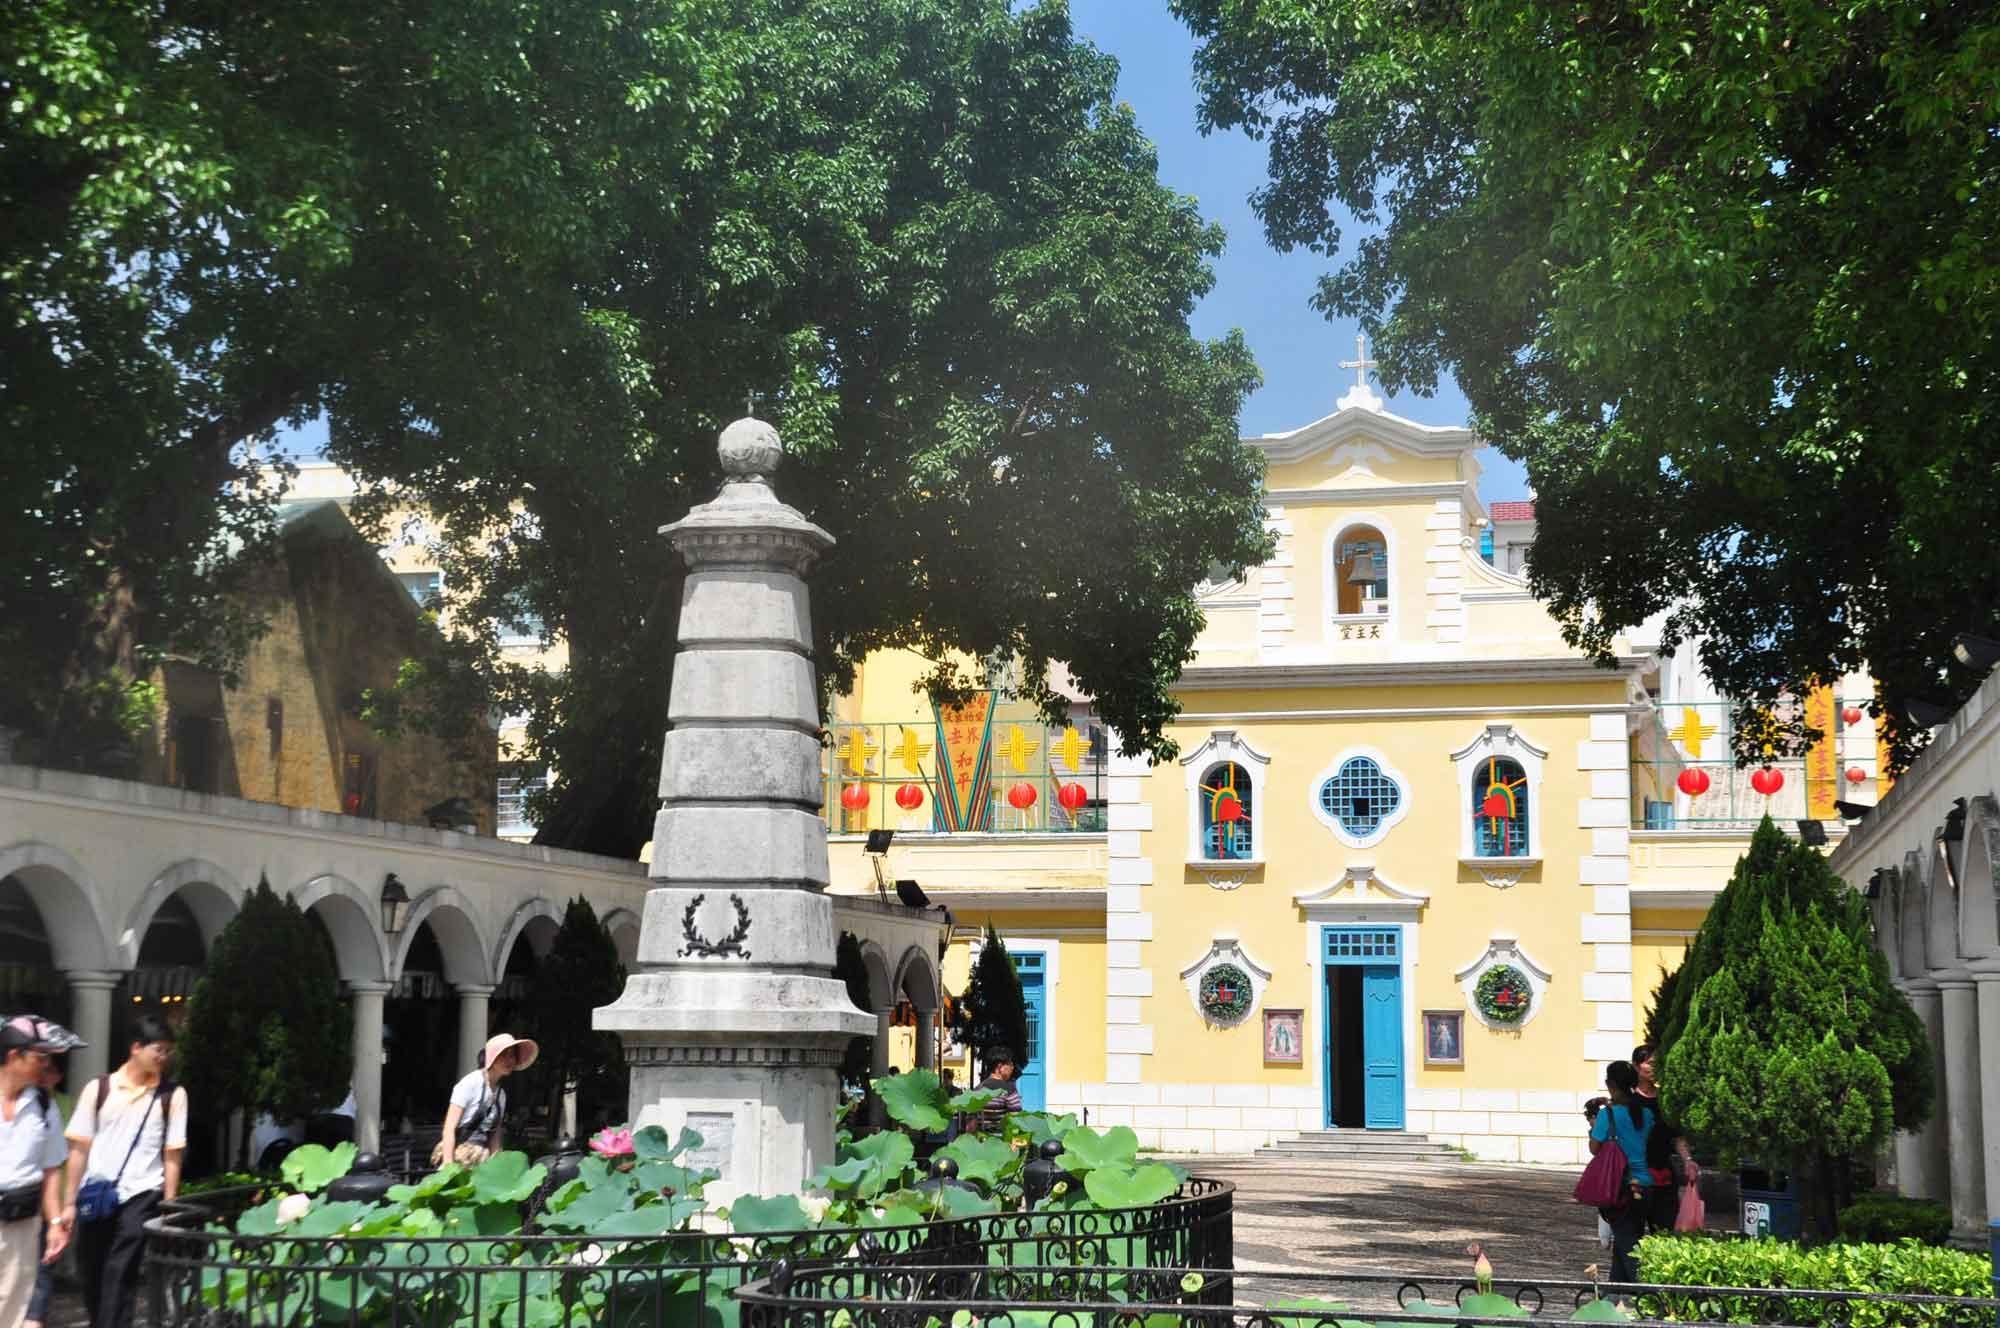 Chapel of St. Francis Xavier Macau